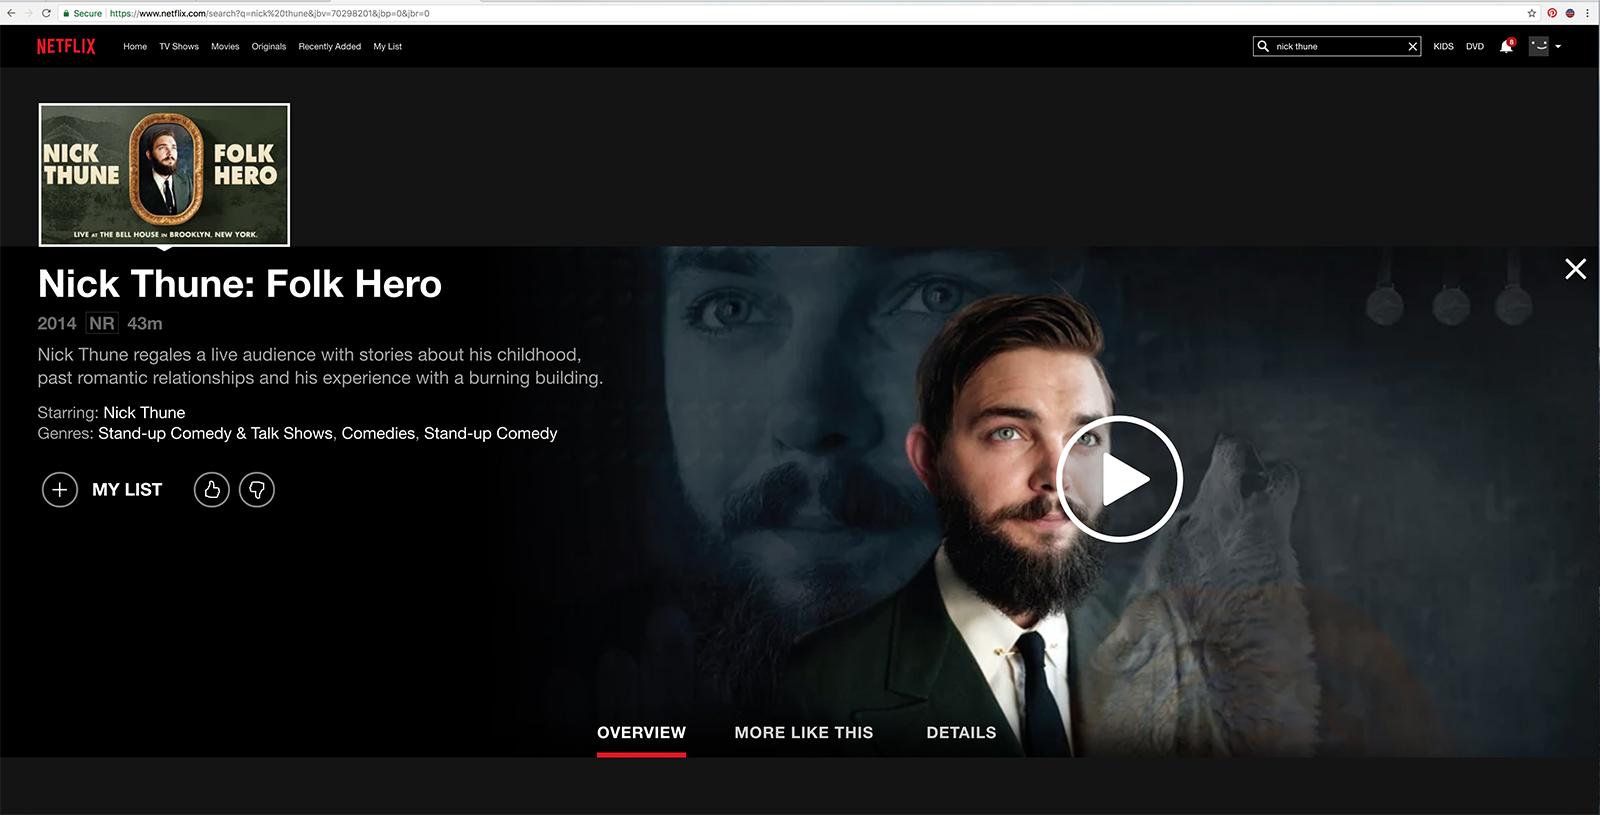 NT_FH_Netflix_w.jpg